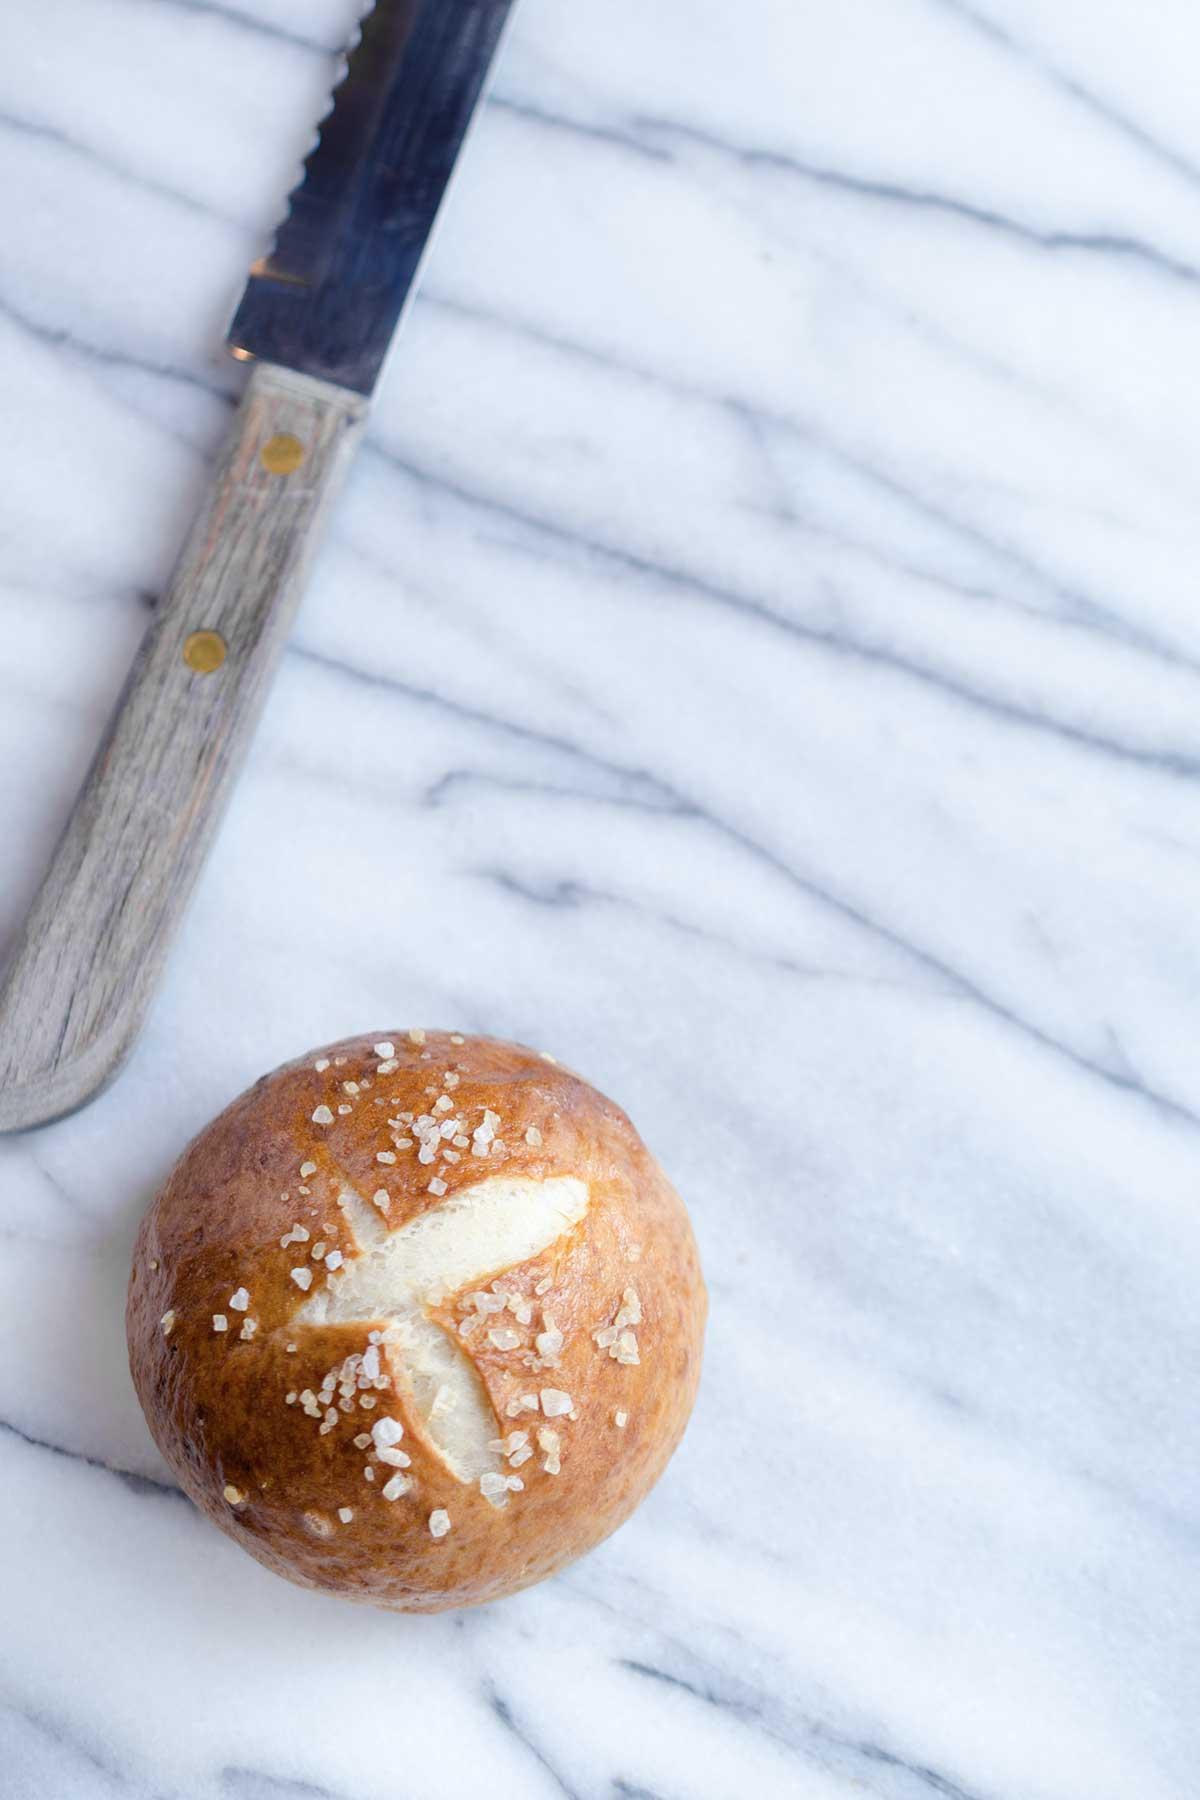 A pretzel bun on a marble backdrop next to a serrated knife.